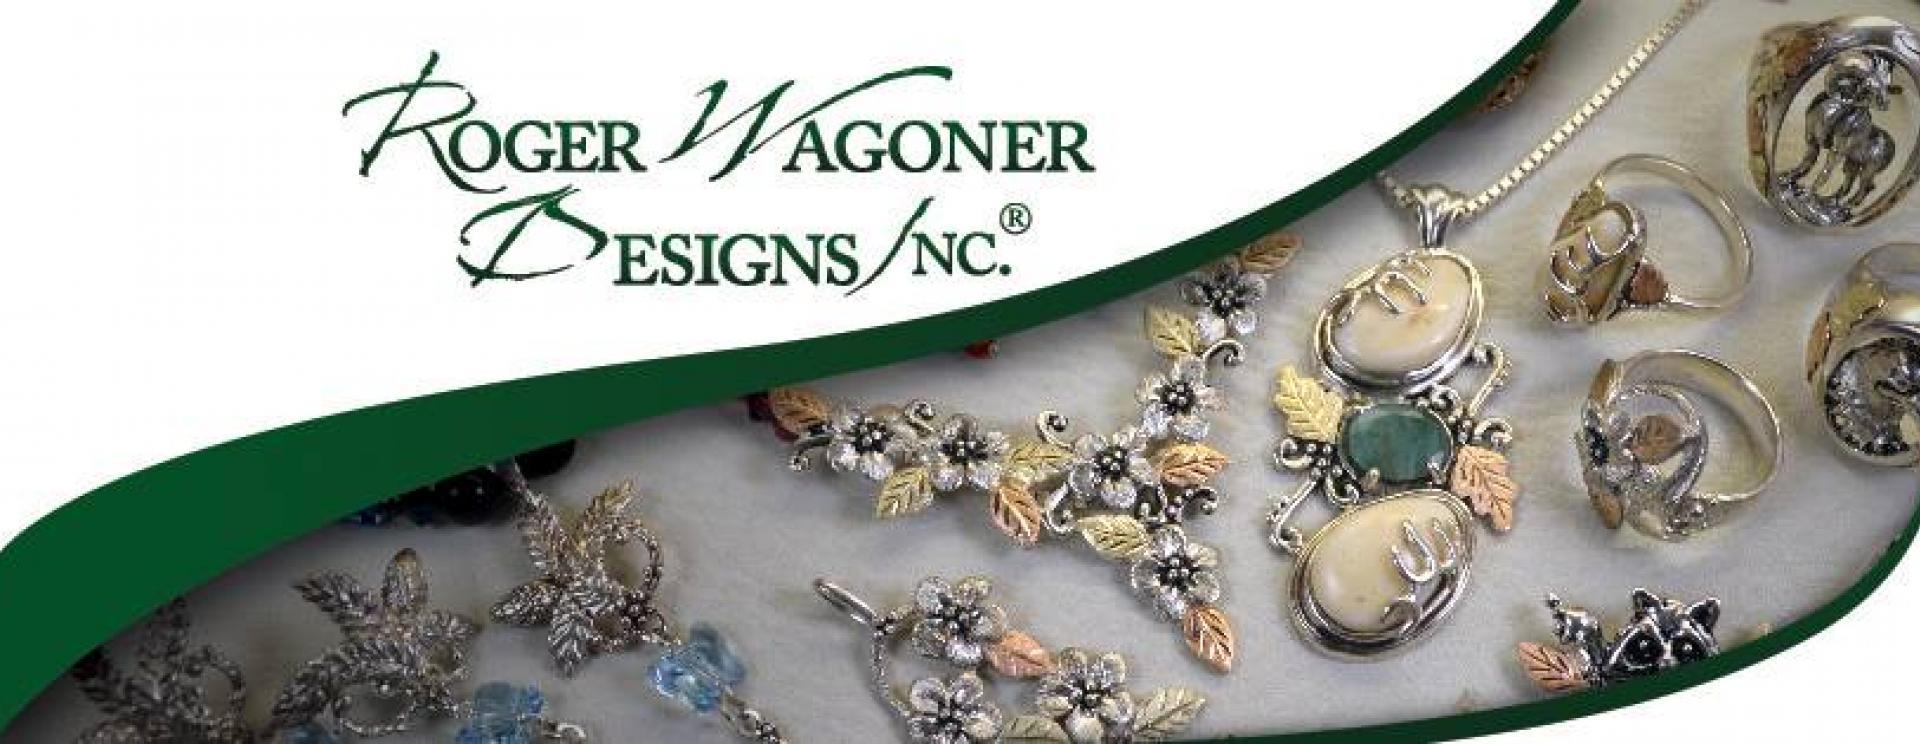 Roger Wagoner Designs